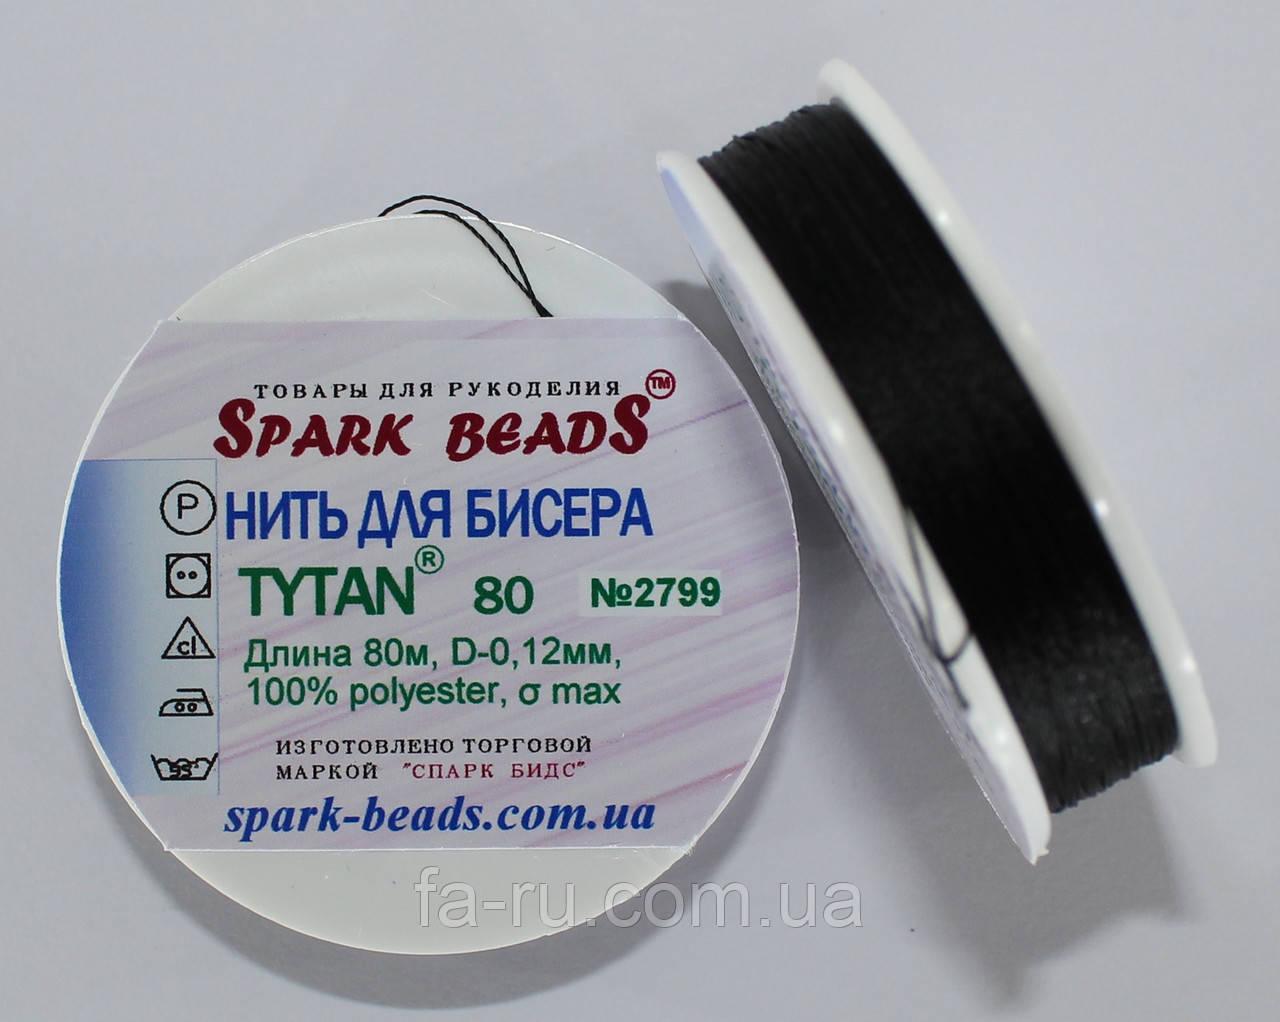 Нить для бисера TYTAN 80 №2799. Черный 80 м